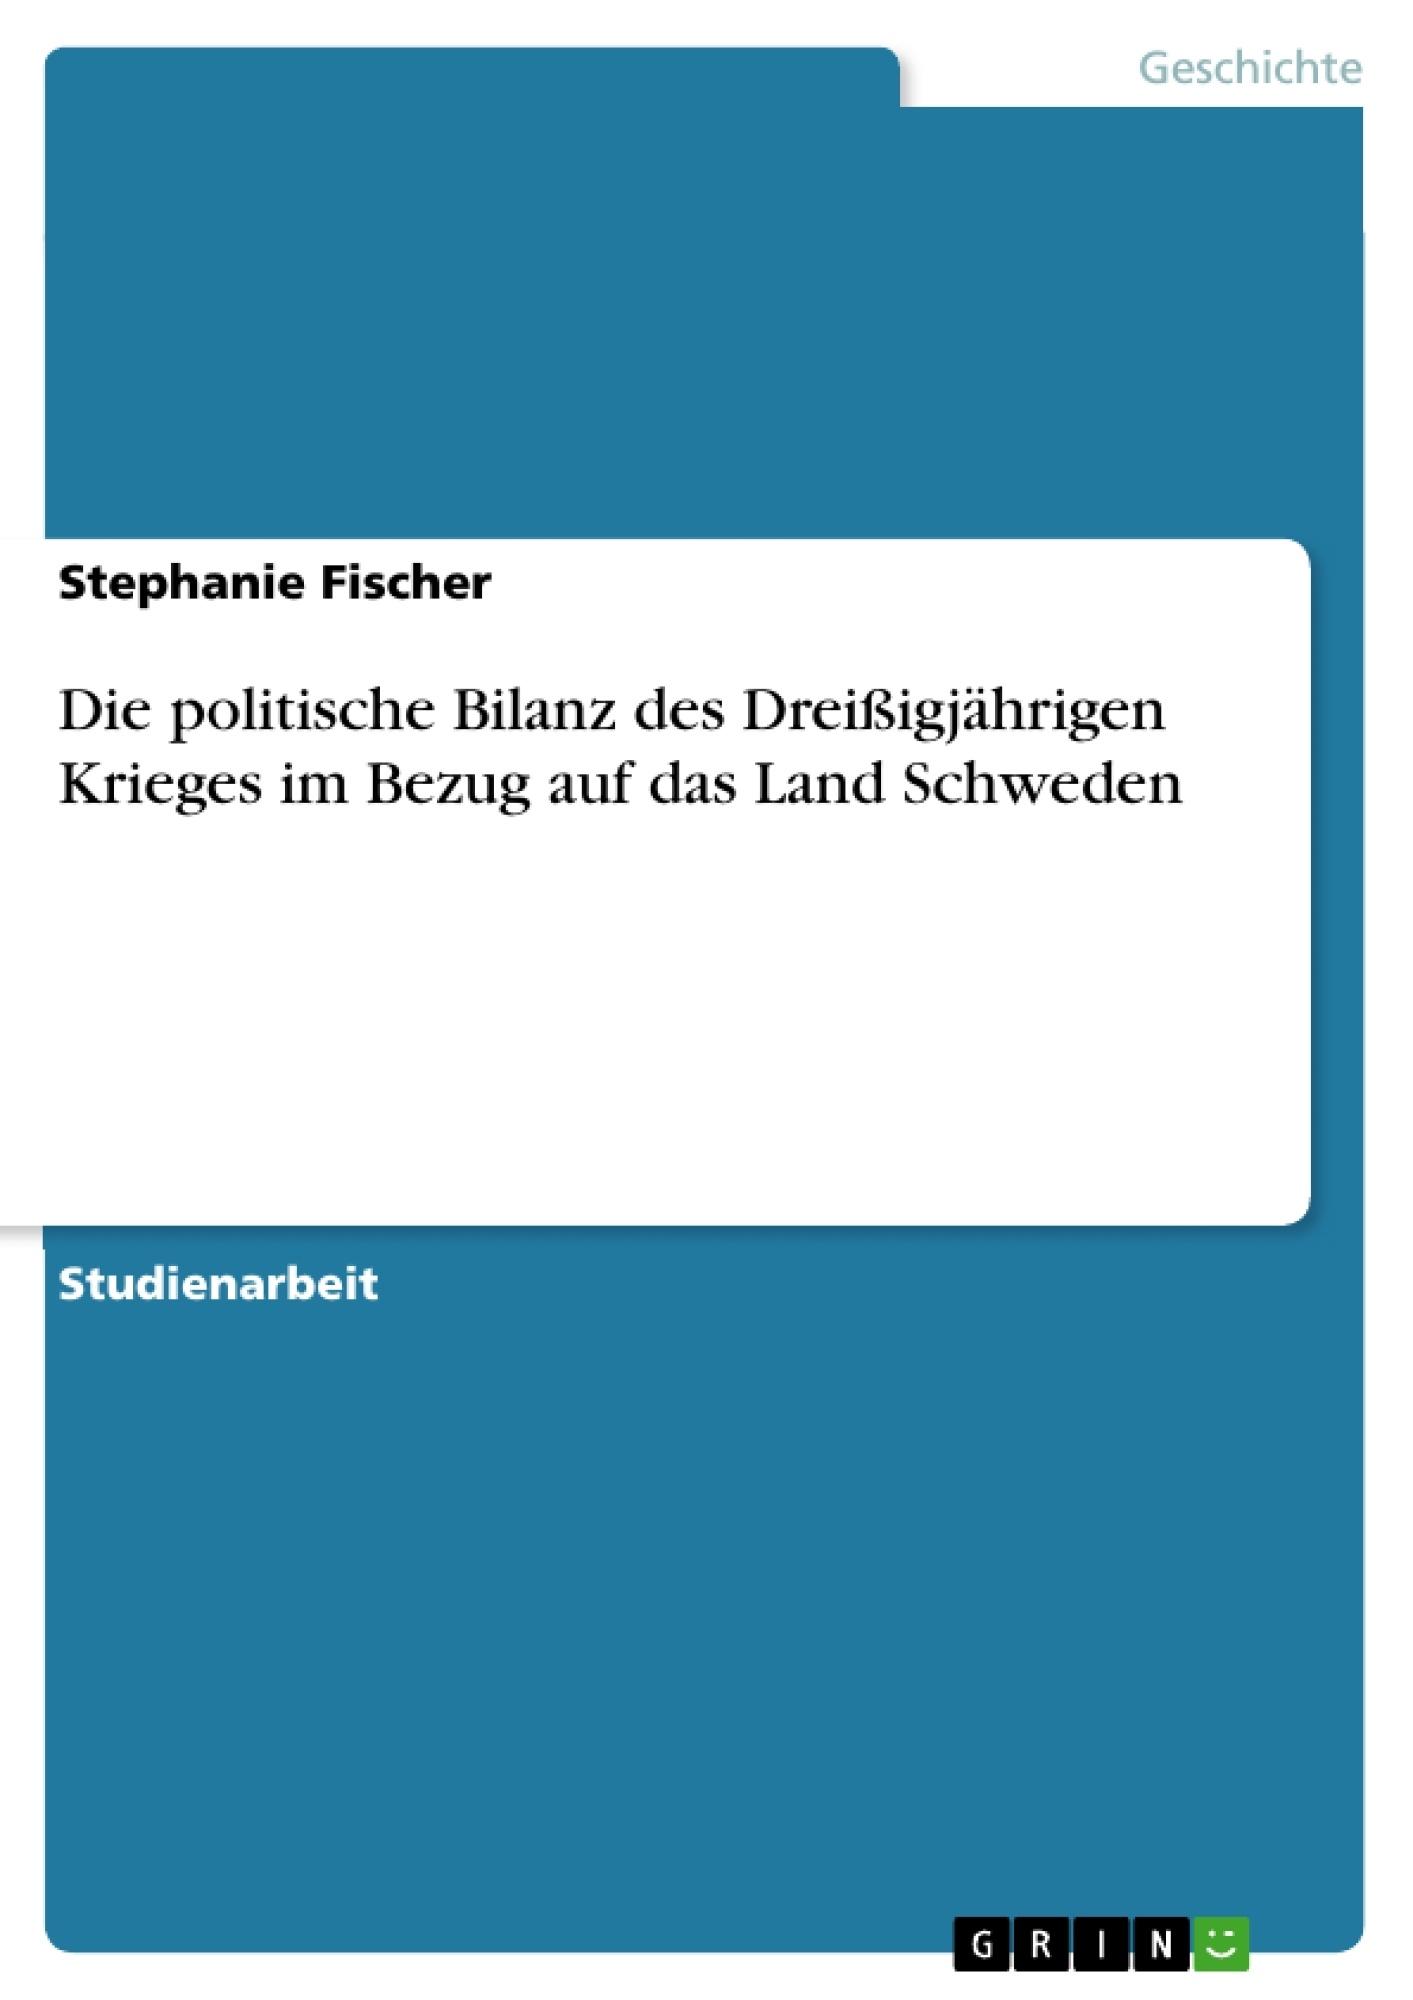 Titel: Die politische Bilanz des Dreißigjährigen Krieges im Bezug auf das Land Schweden